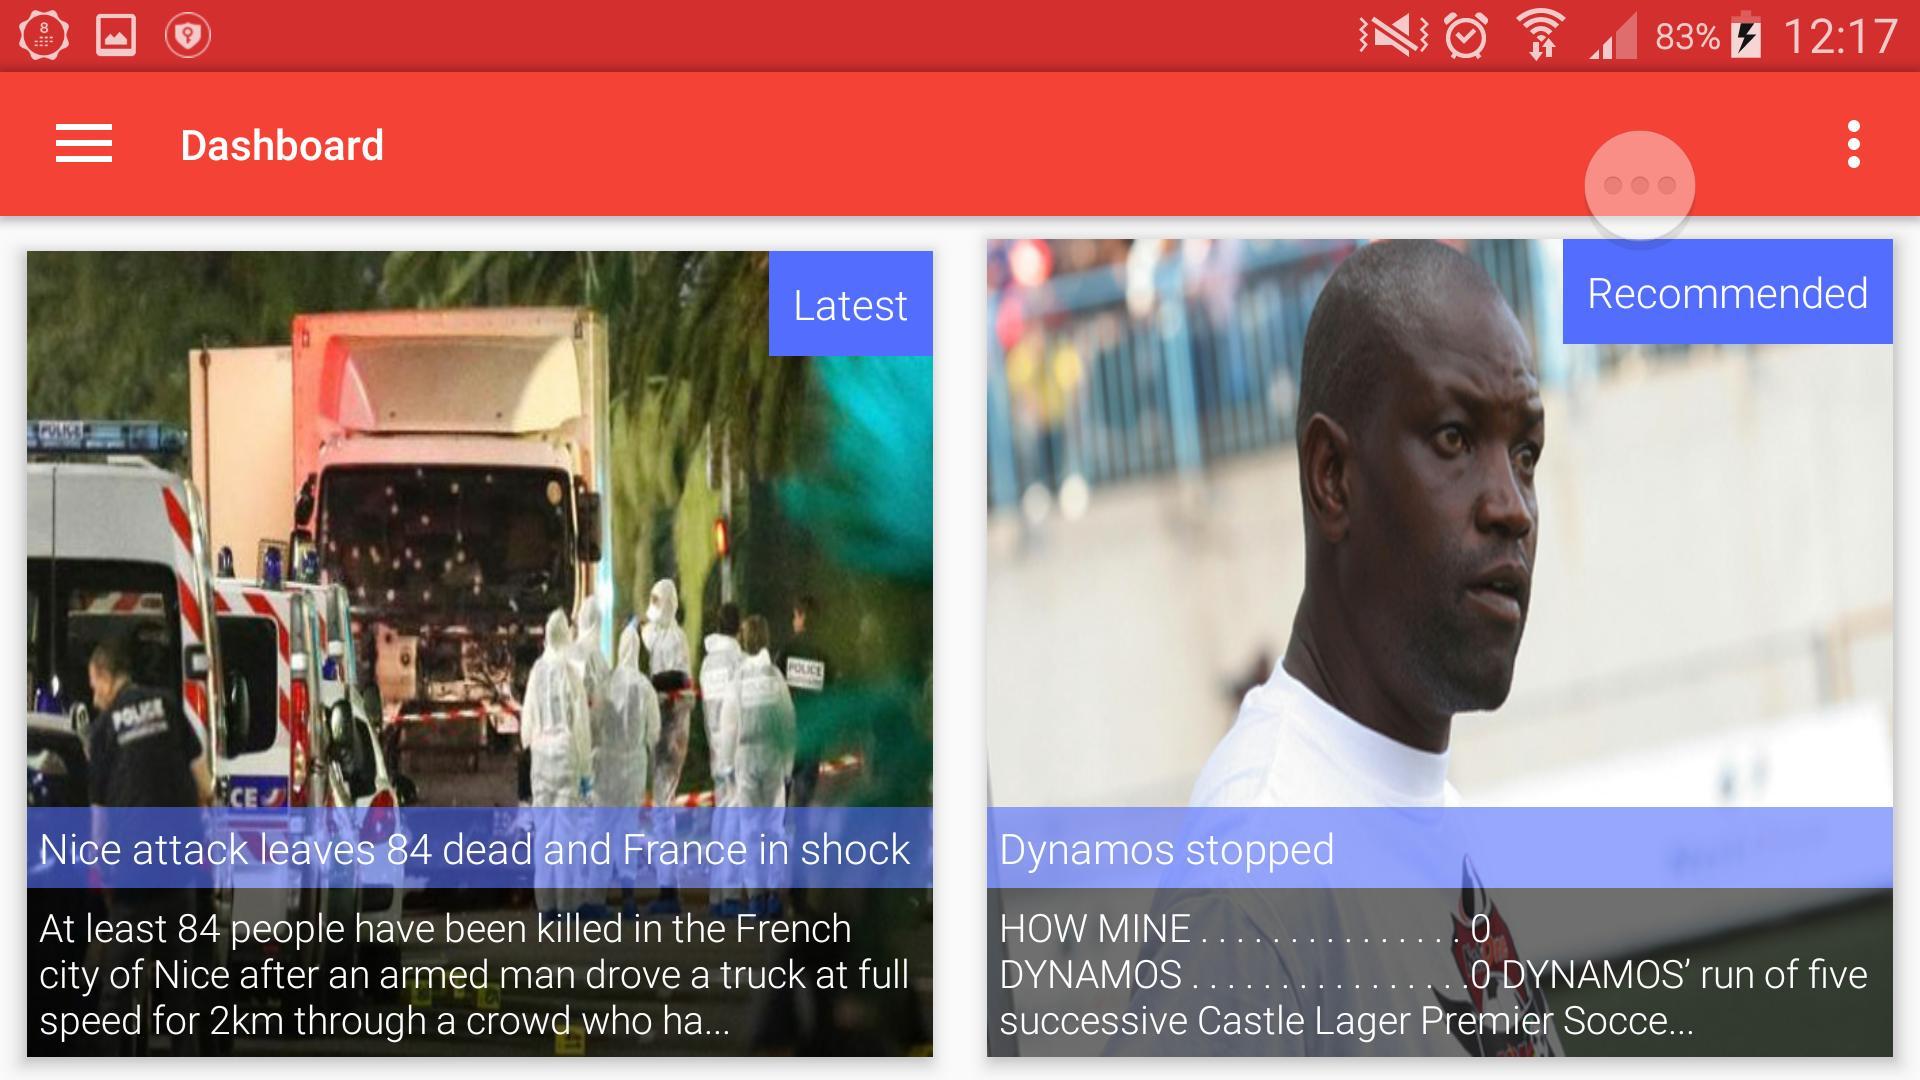 Zimbabwe Newsstand 7 تصوير الشاشة